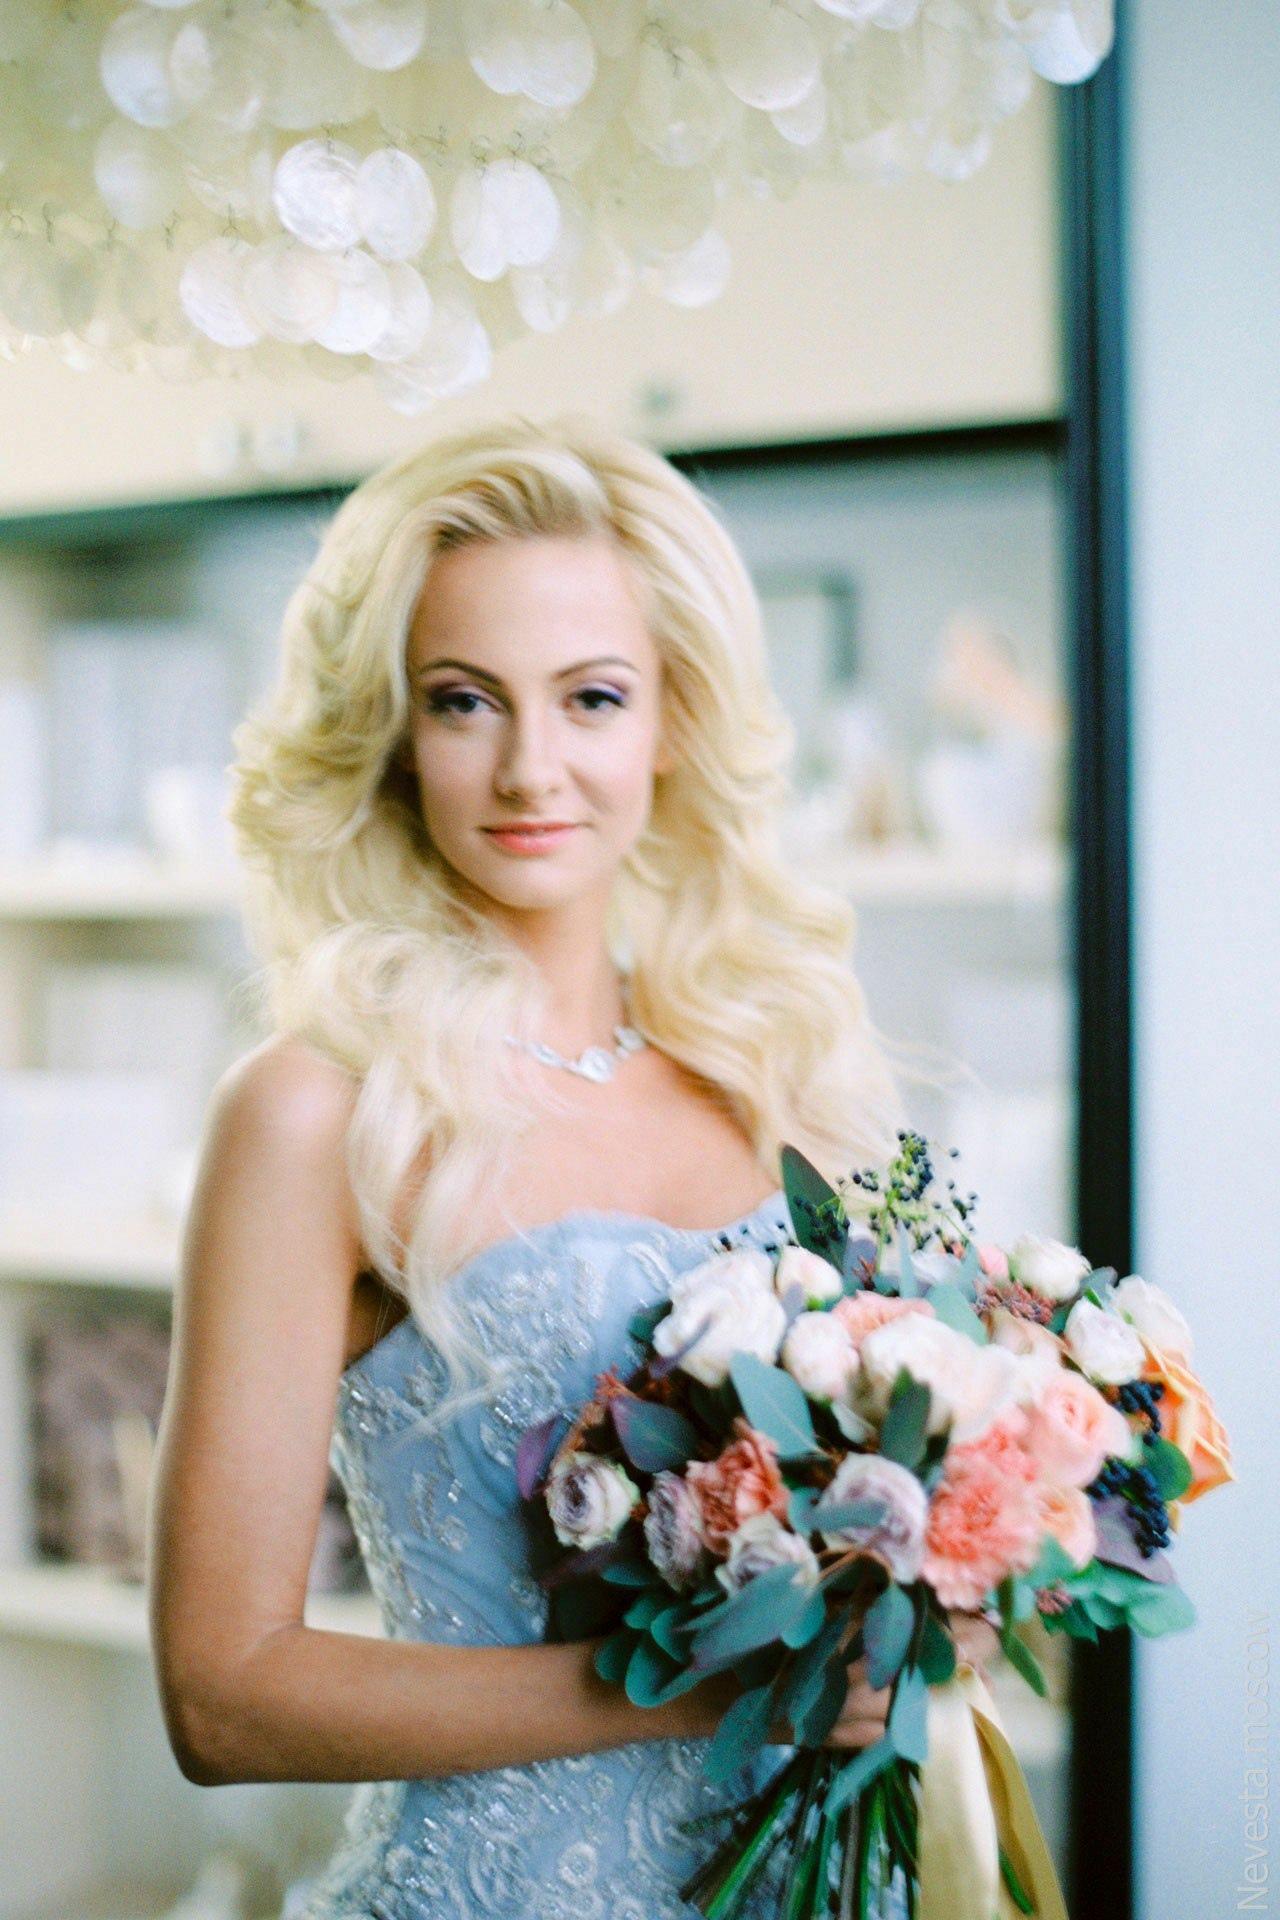 Фото подборка с актрисой Полиной Максимовой.